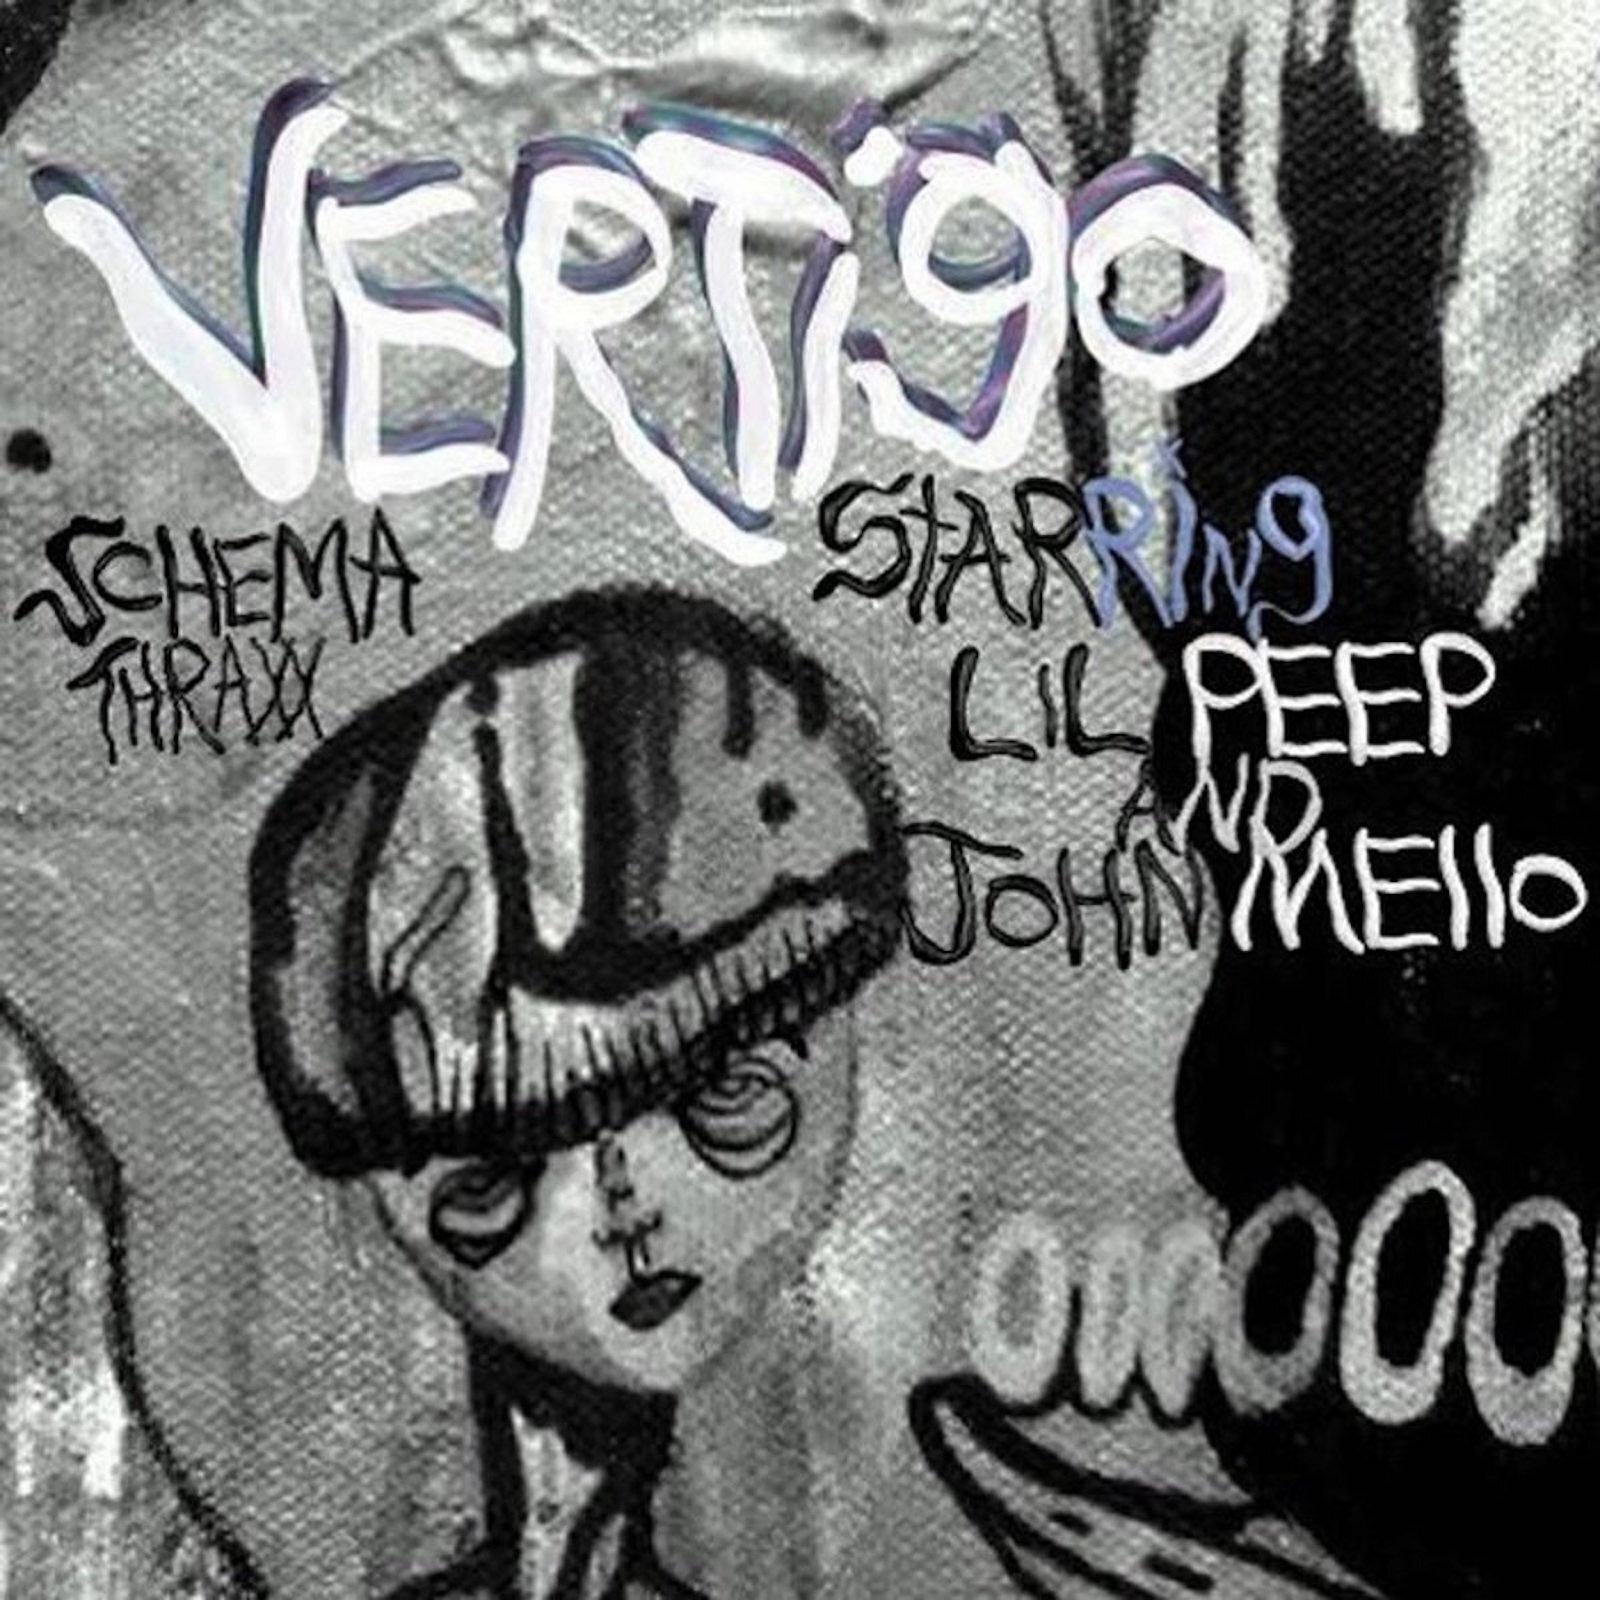 Lil Peep - Vertigo [EP Stream]